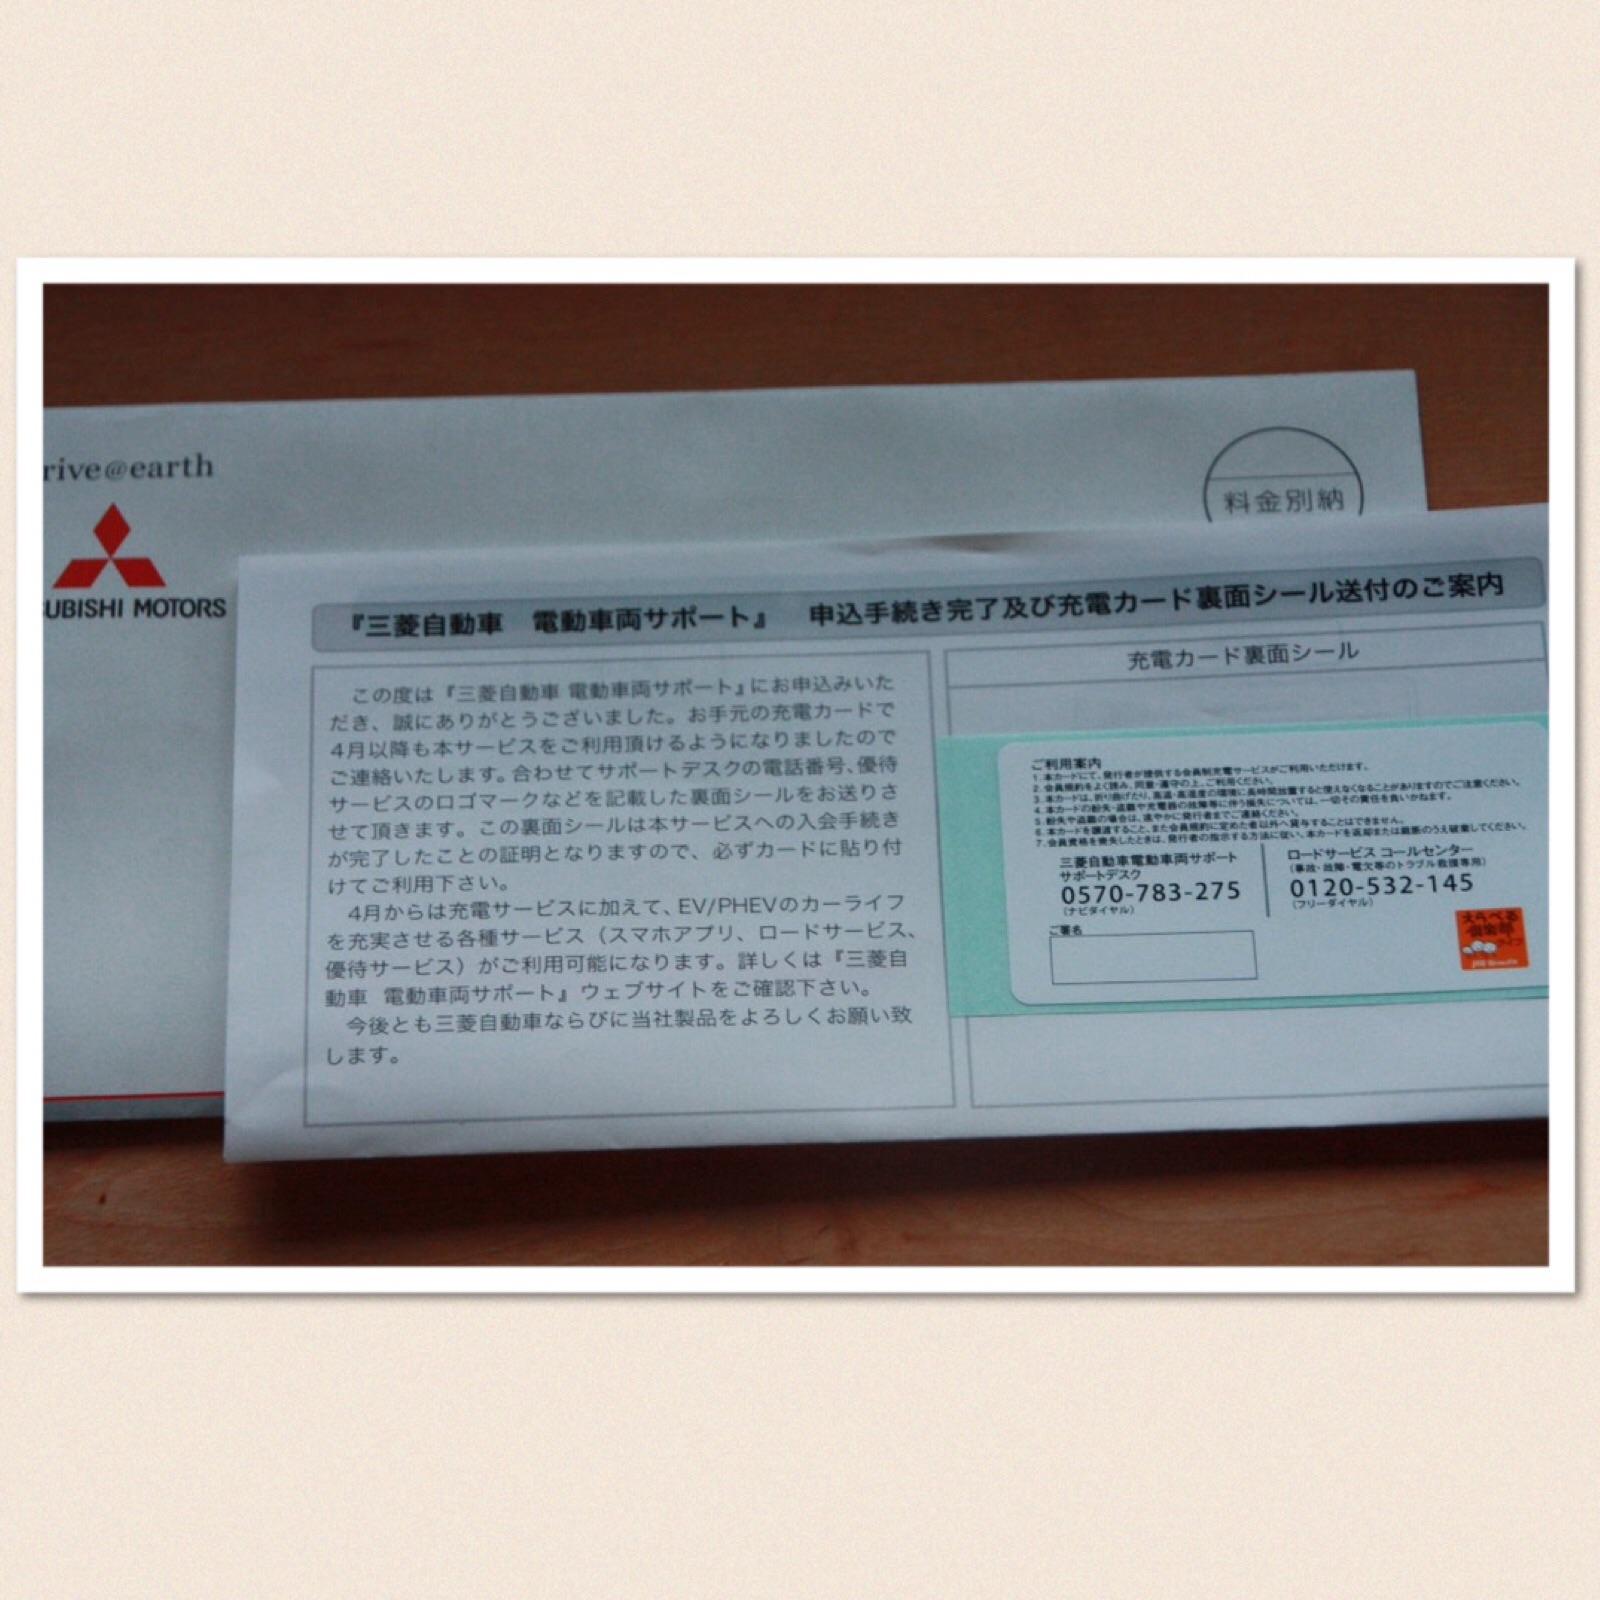 三菱自動車電動車両サポート